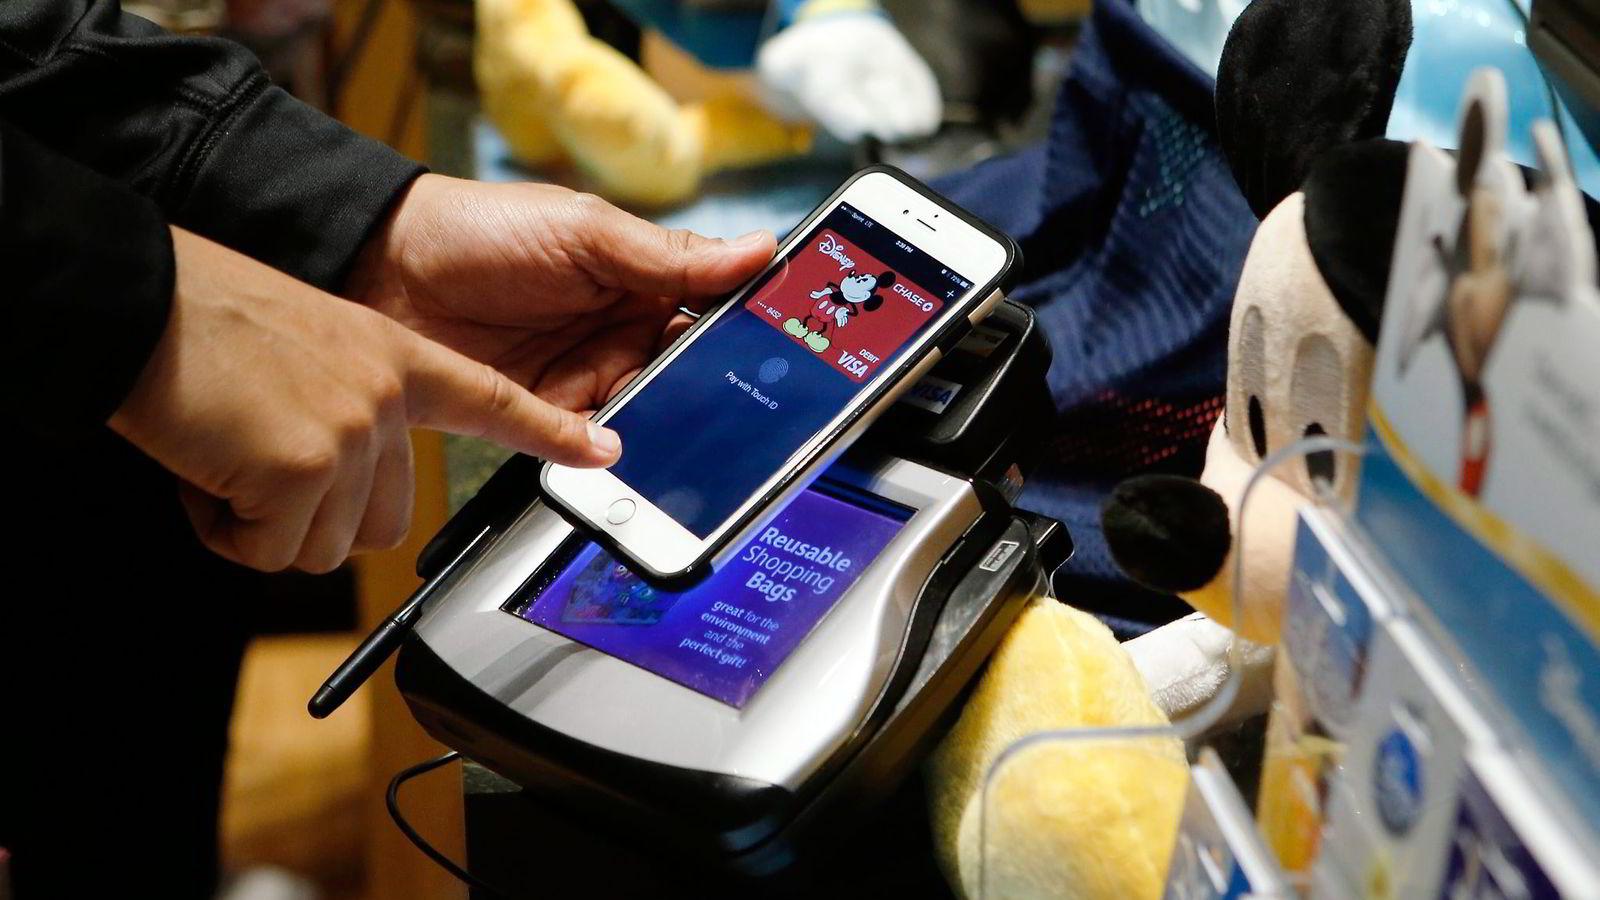 Det dukker stadig opp nye løsninger som søker å utfordre plastkorthegemoniet til MasterCard og Visa. Apple har lansert Apple Pay. Telenor og DNB ruller i disse dager ut mobilløsningen Valyou. Foto: Jason DeCrow, AP/NTB Scanpix